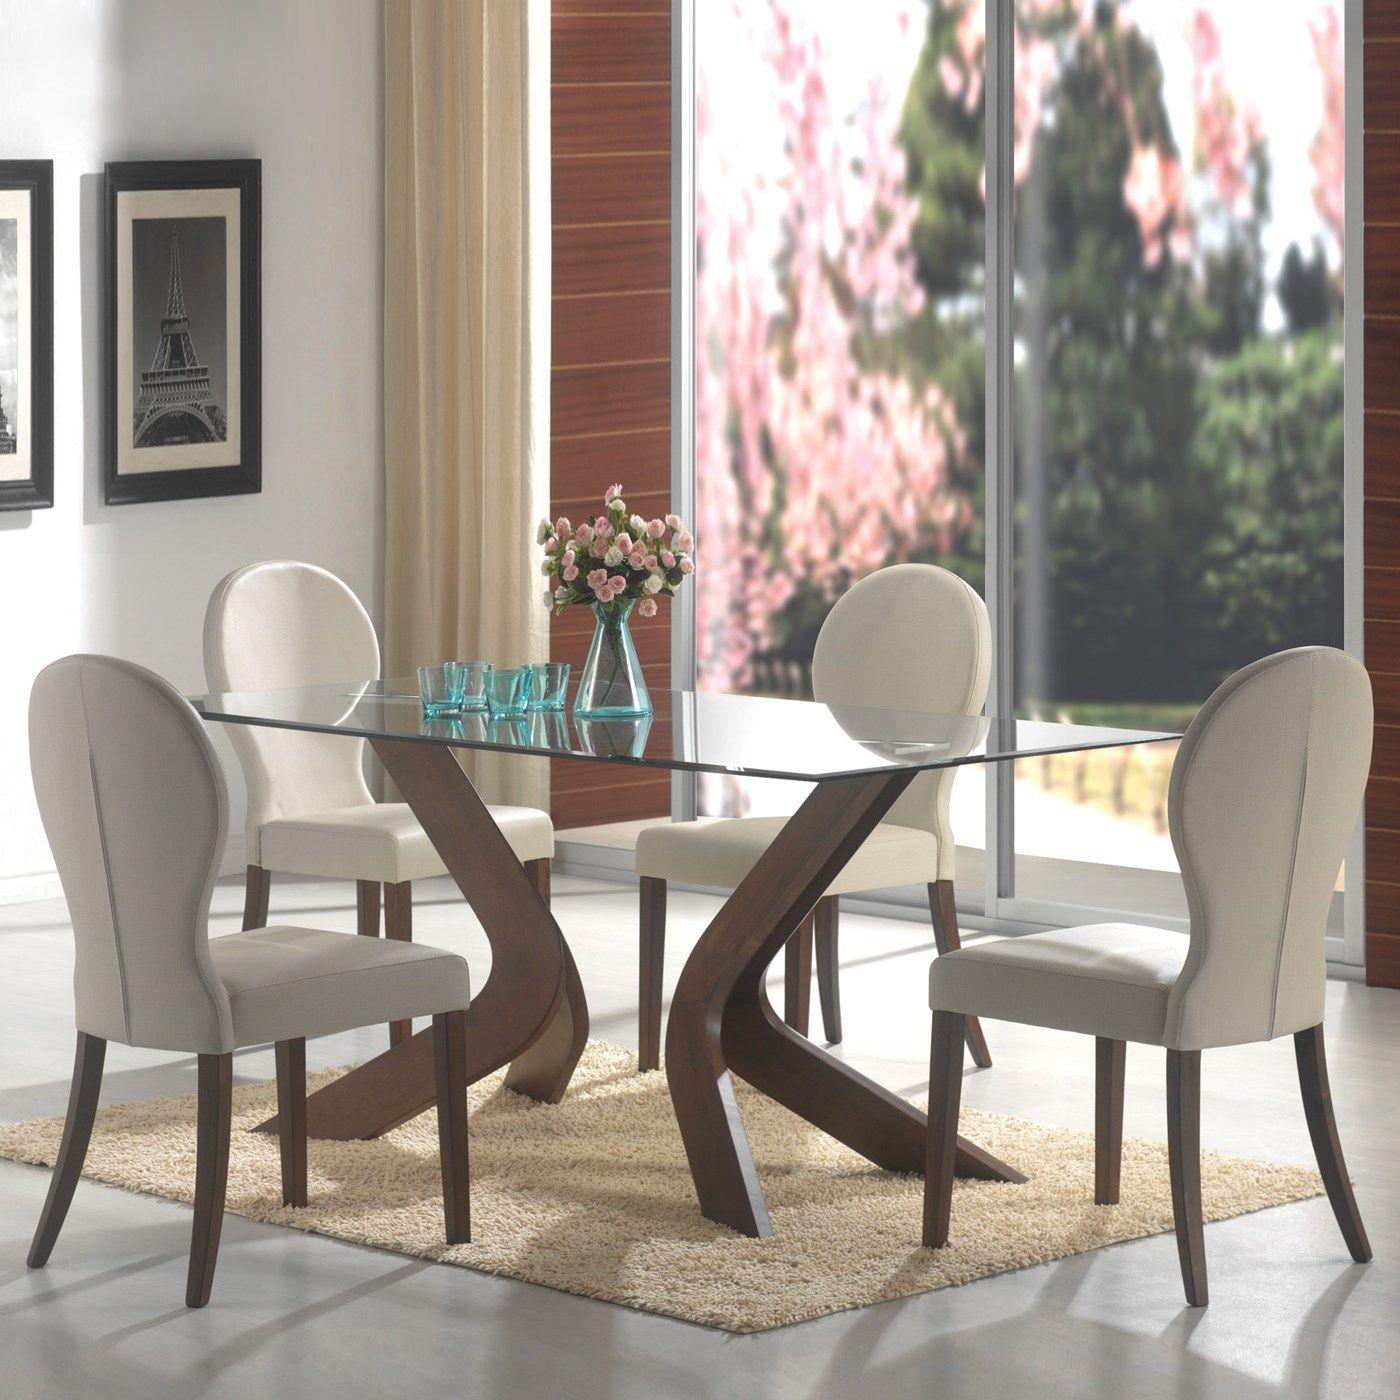 Coaster furniture san vicente glass top rectangular dining